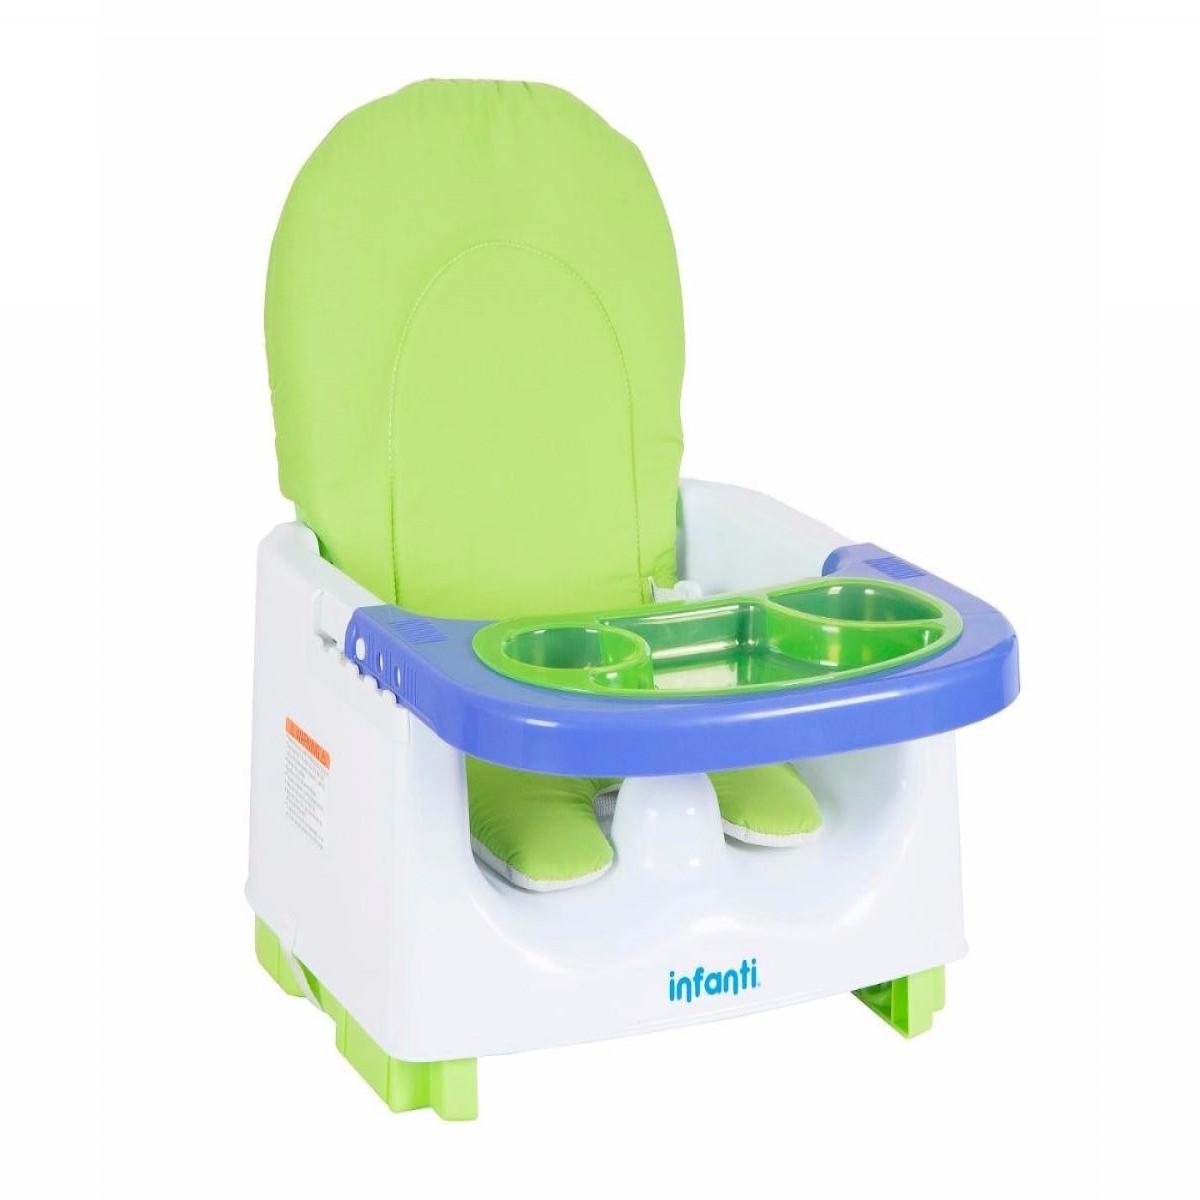 Booster de comer plegable Infanti verde